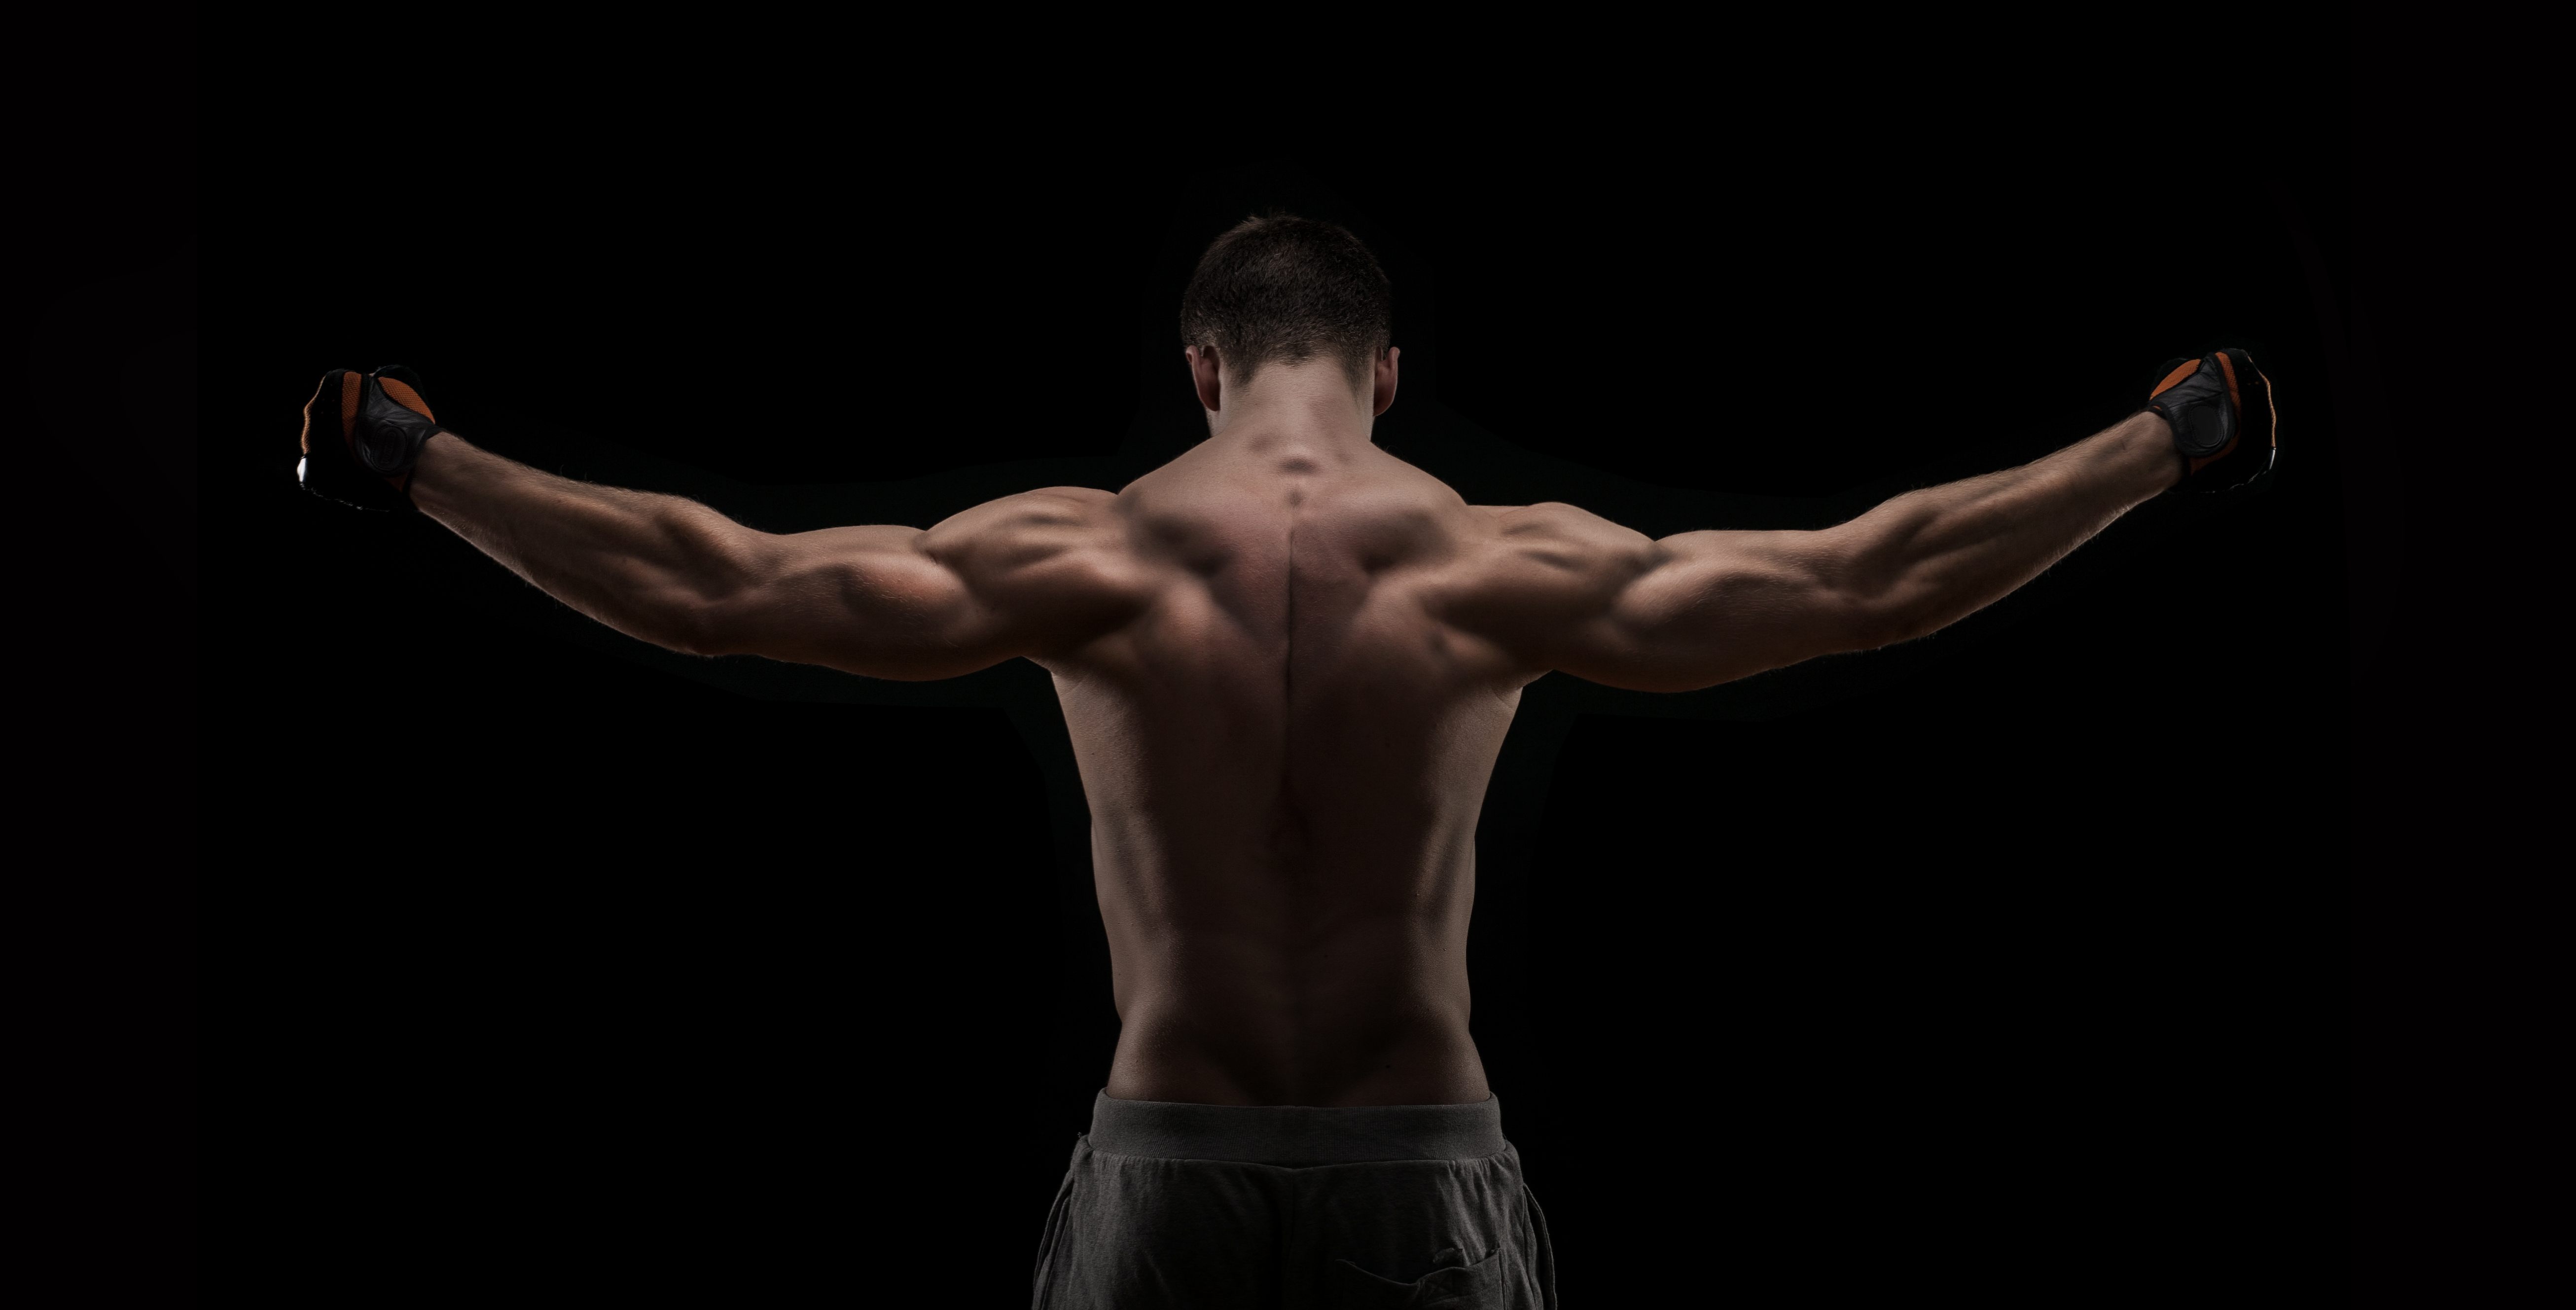 Фото голых мужских спин 9 фотография